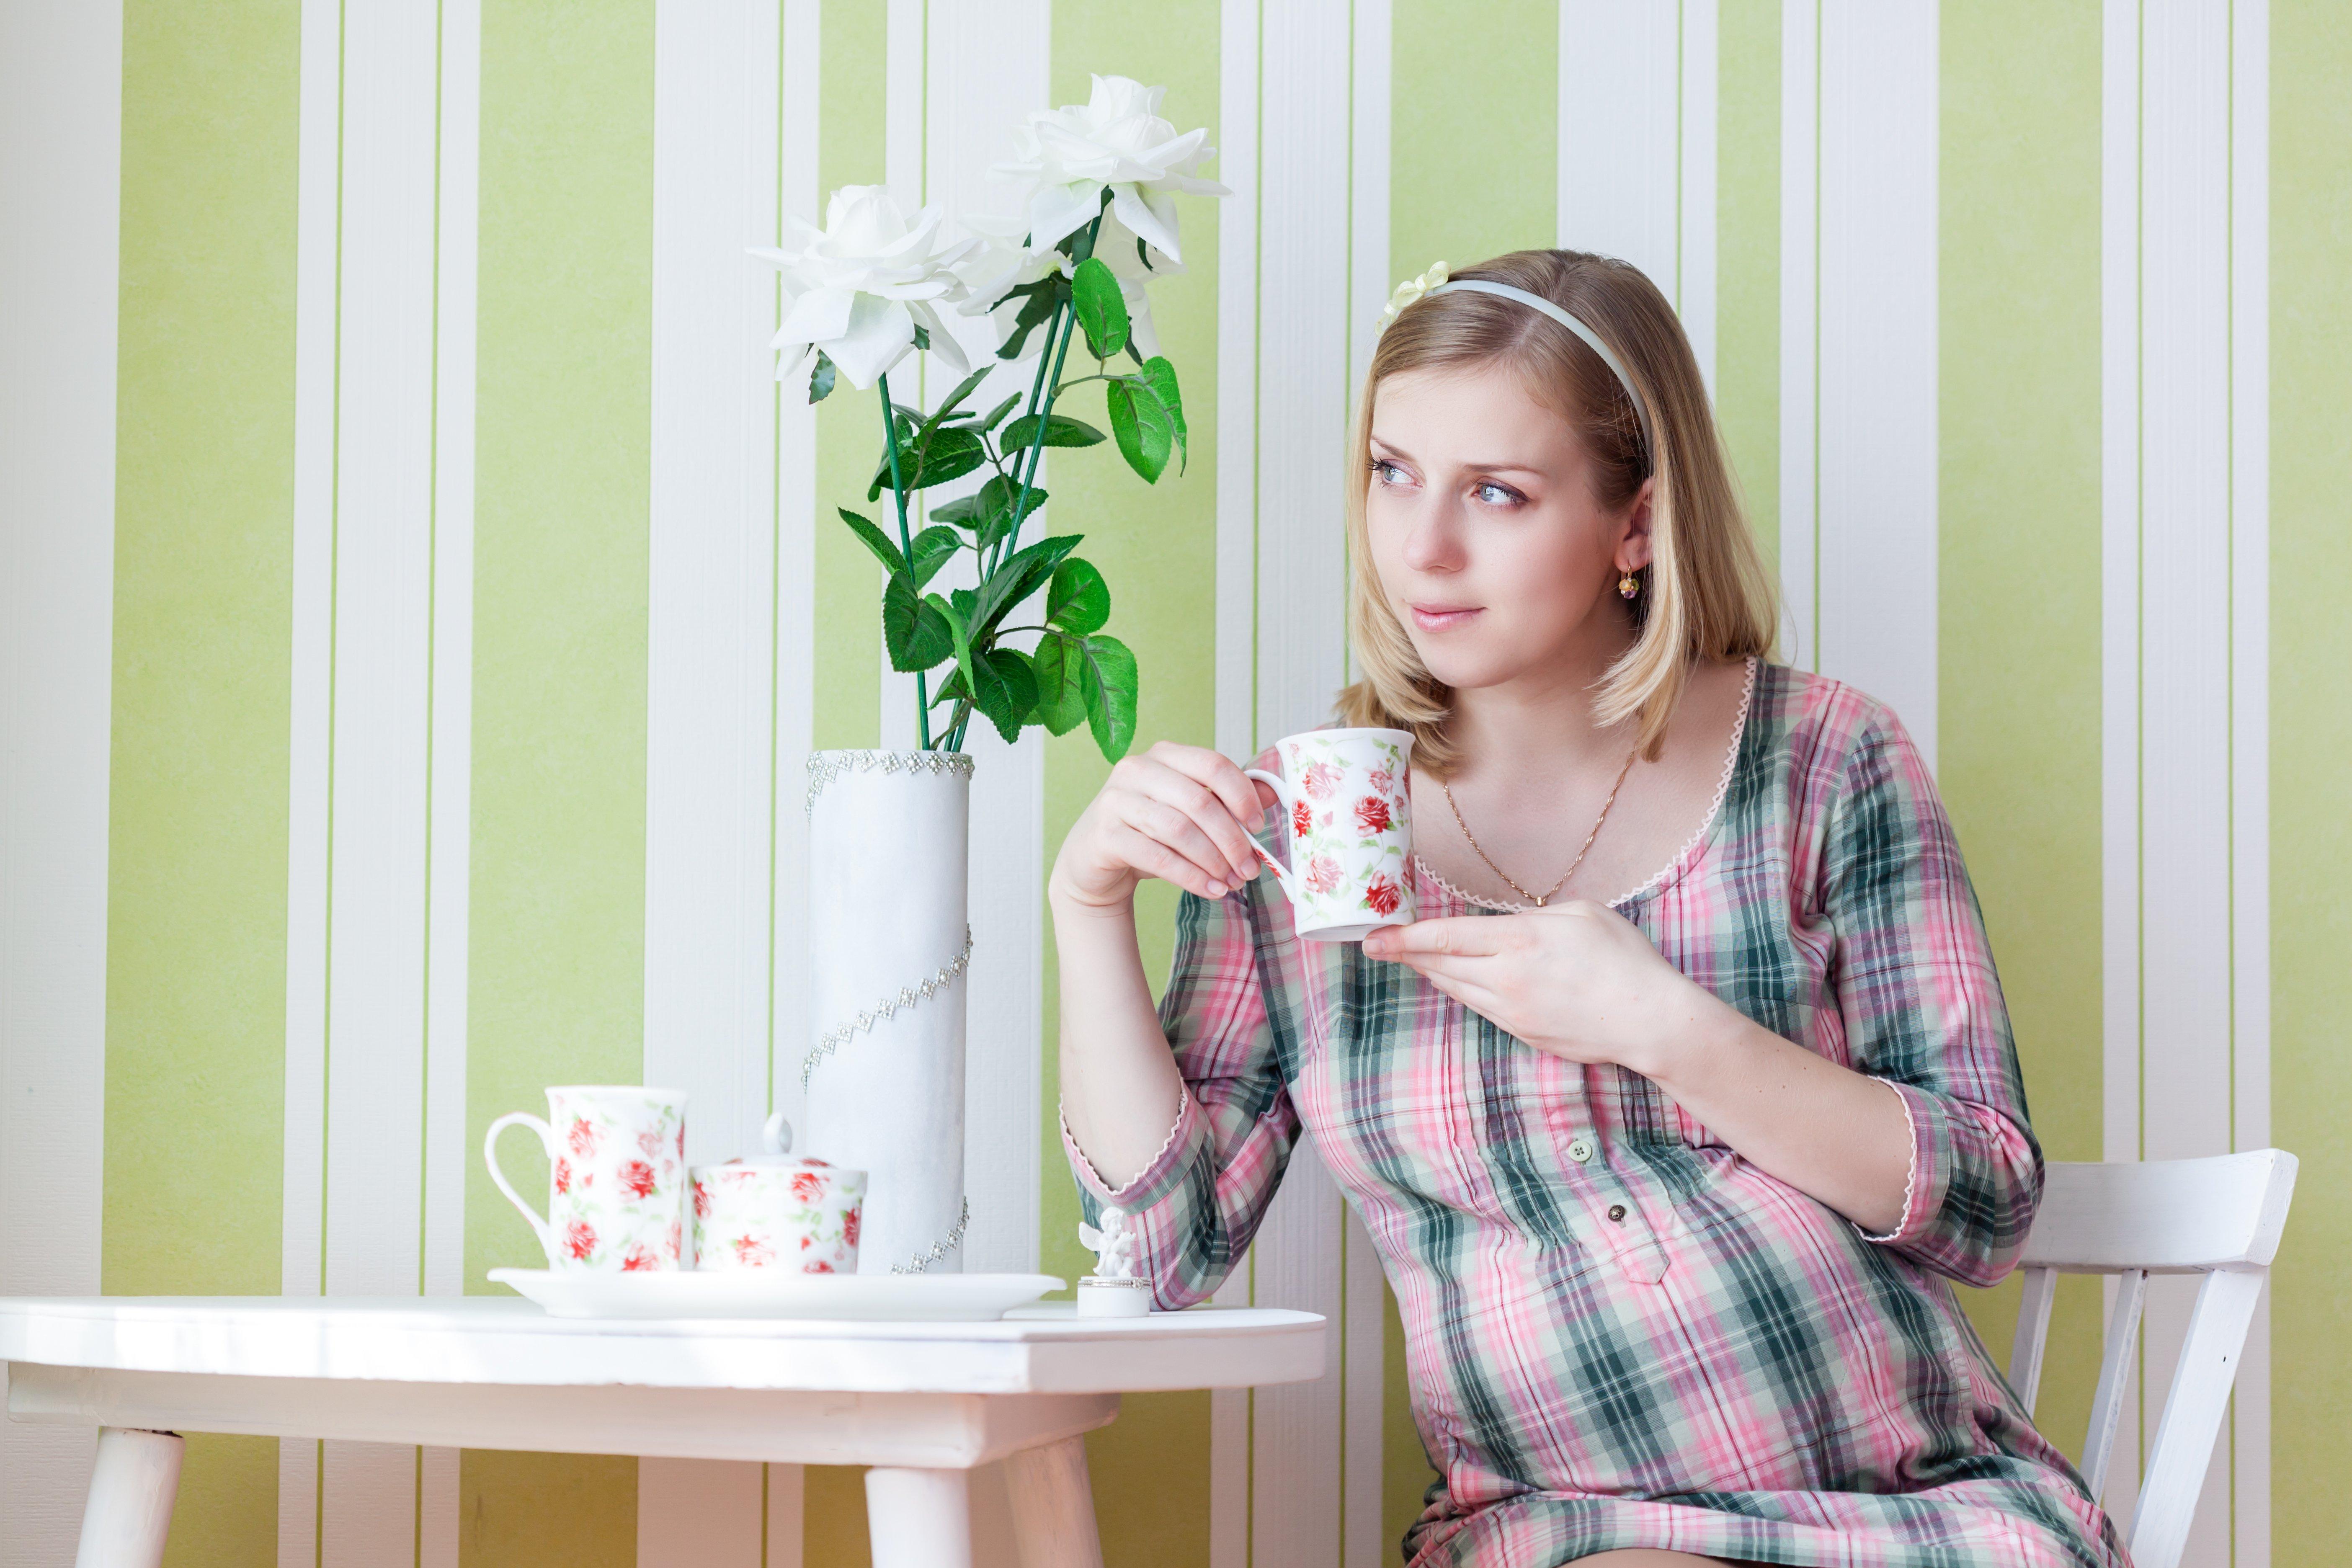 Можно ли будущим мамам пить напитки с цикорием?